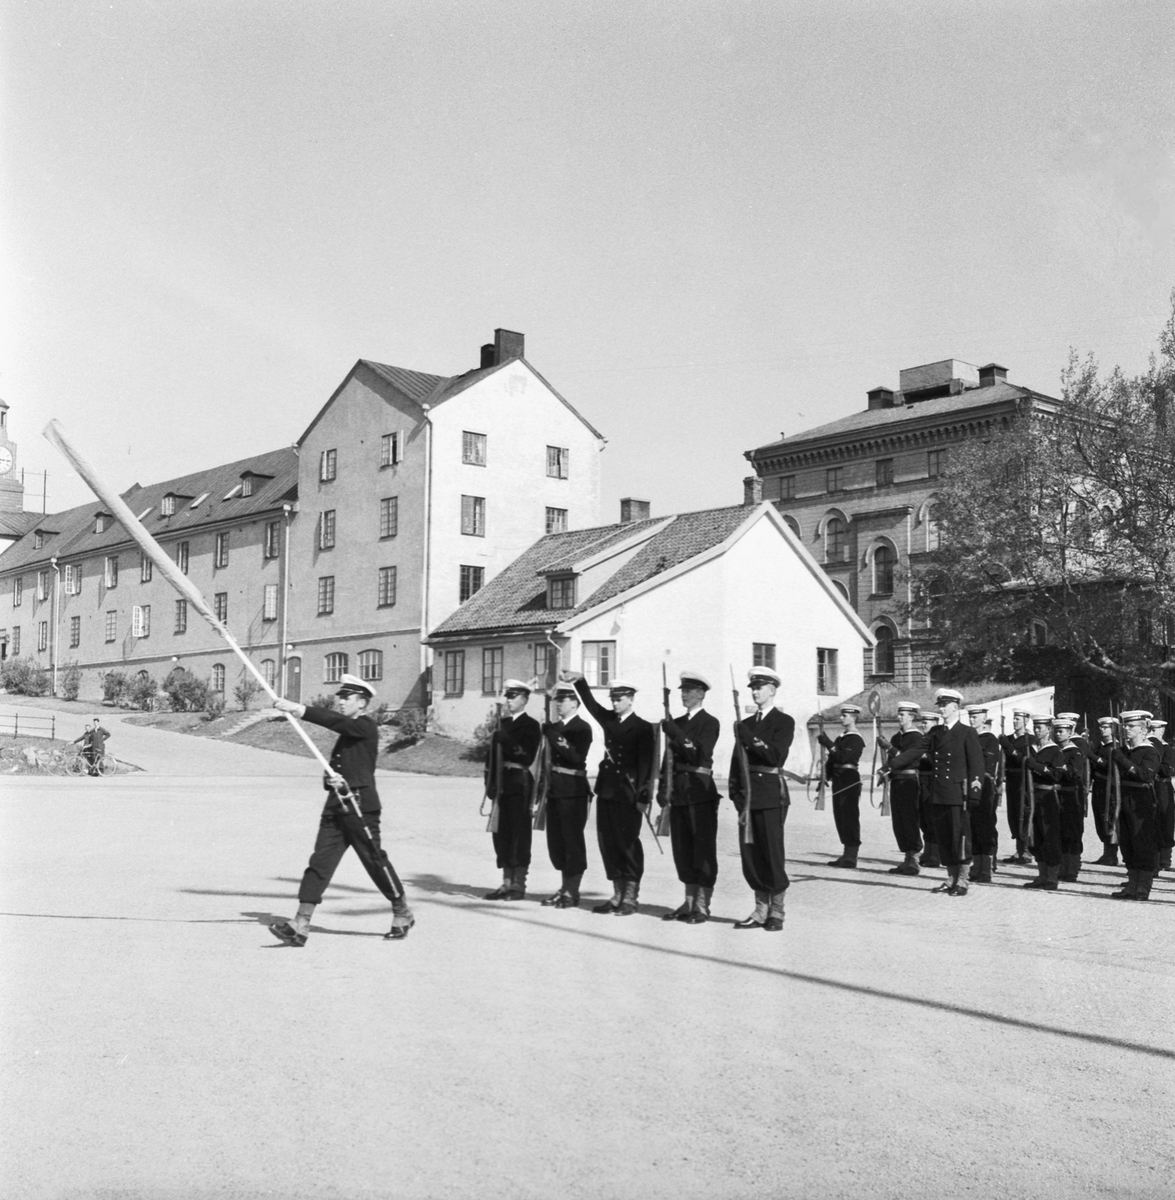 Övrigt: Foto datum: 22/6 1958 Byggnader och kranar Flottans musikkår